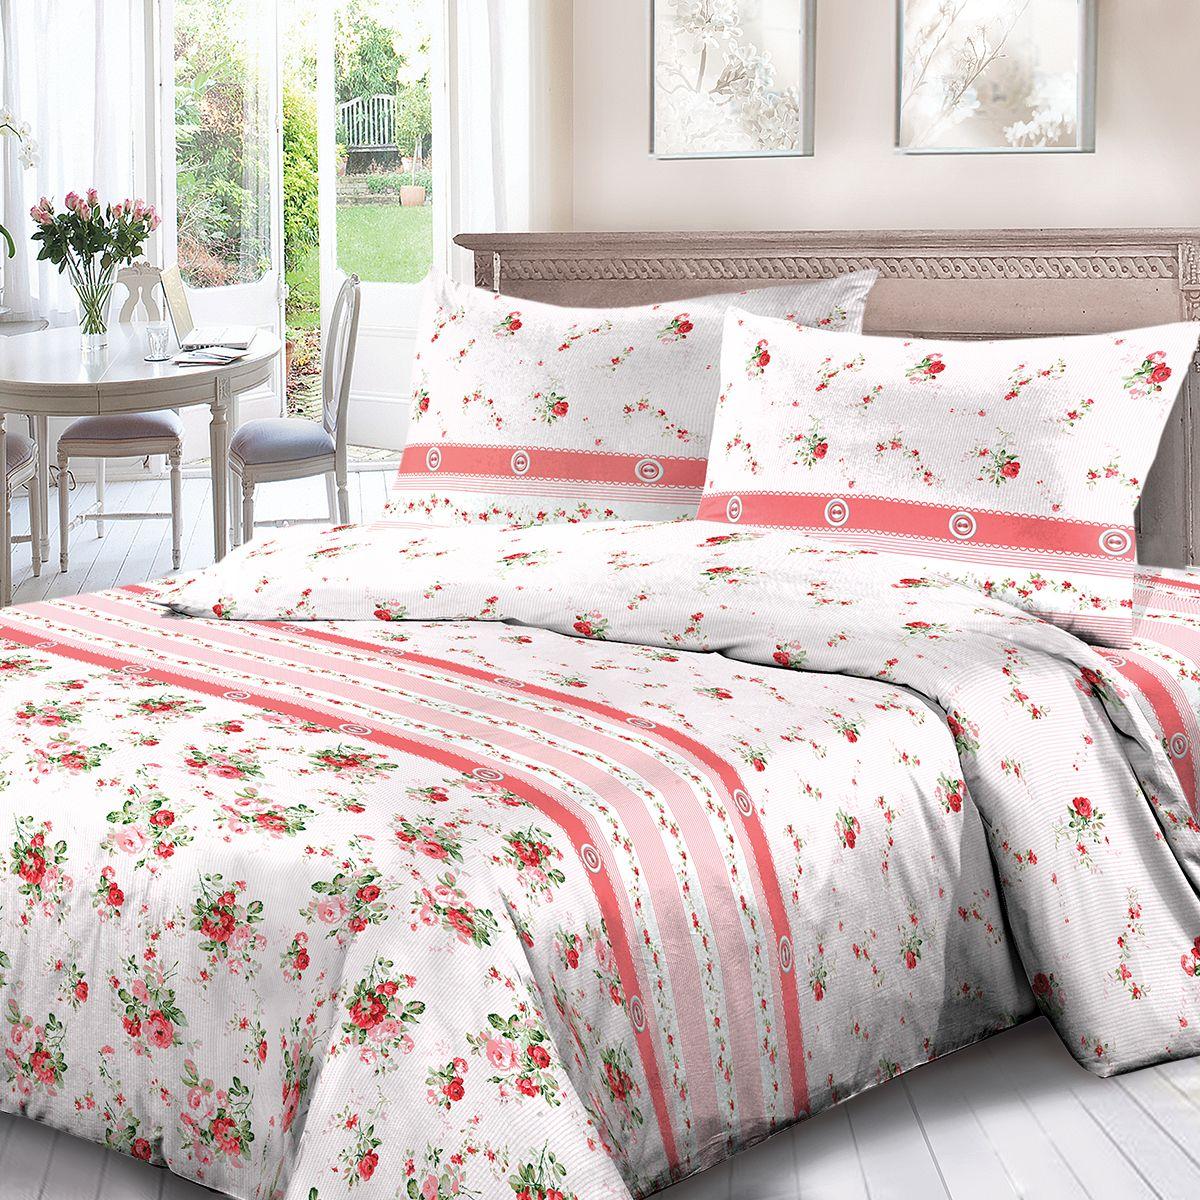 Комплект белья Для Снов Мирабель, семейный, наволочки 70x70, цвет: розовый. 3668-182007